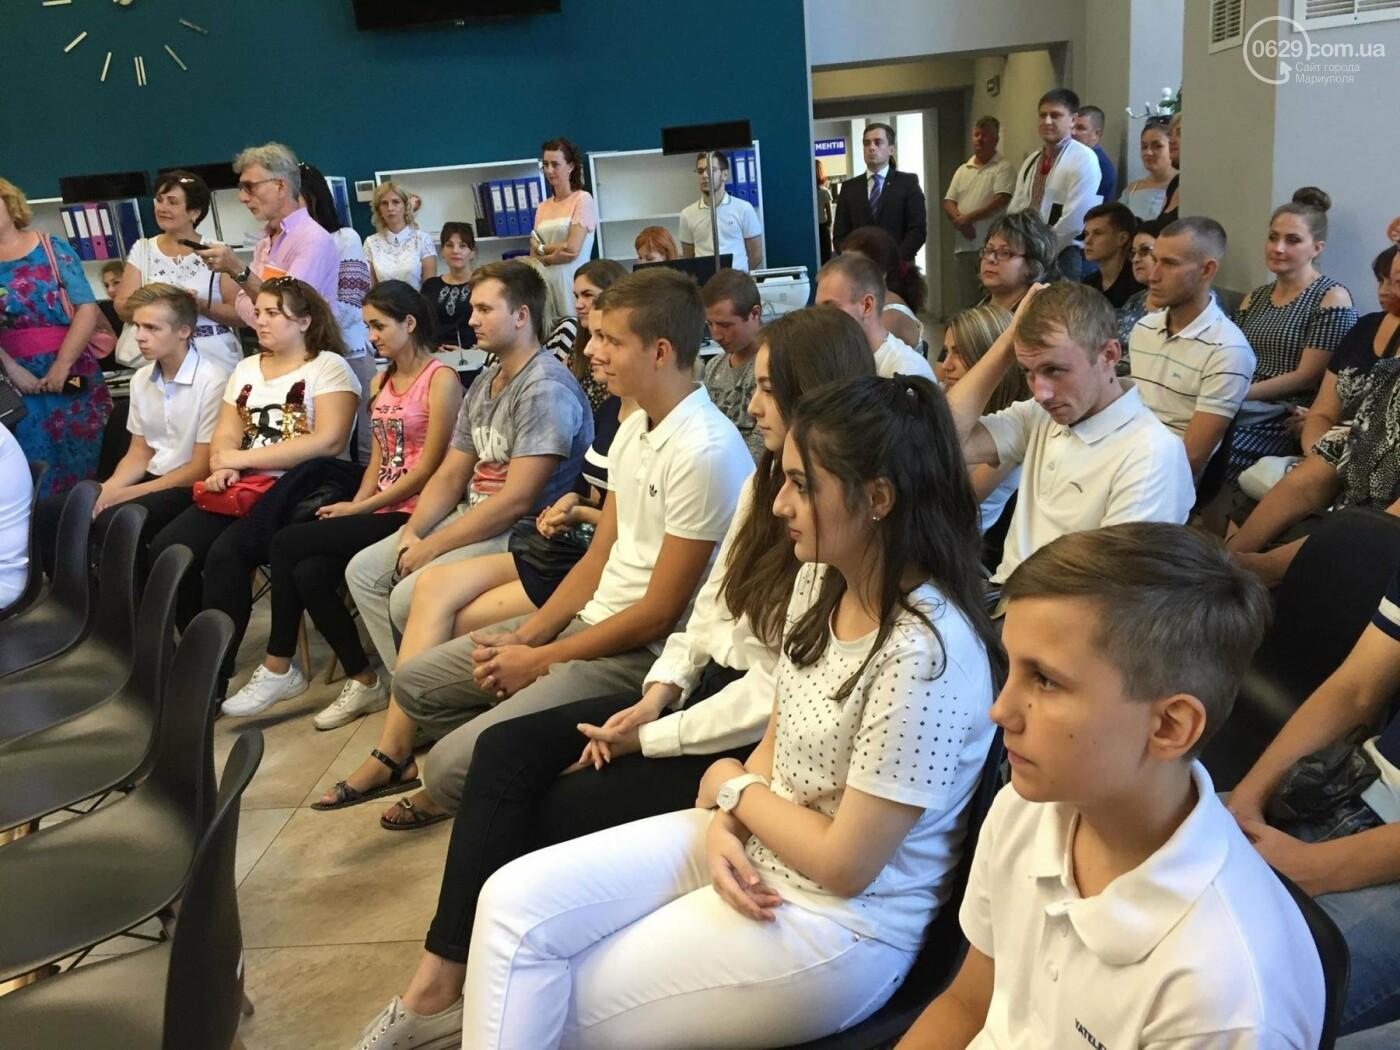 Детям-сиротам в Мариуполе вручили сертификаты на собственные квартиры,- ФОТО, ВИДЕО, фото-6